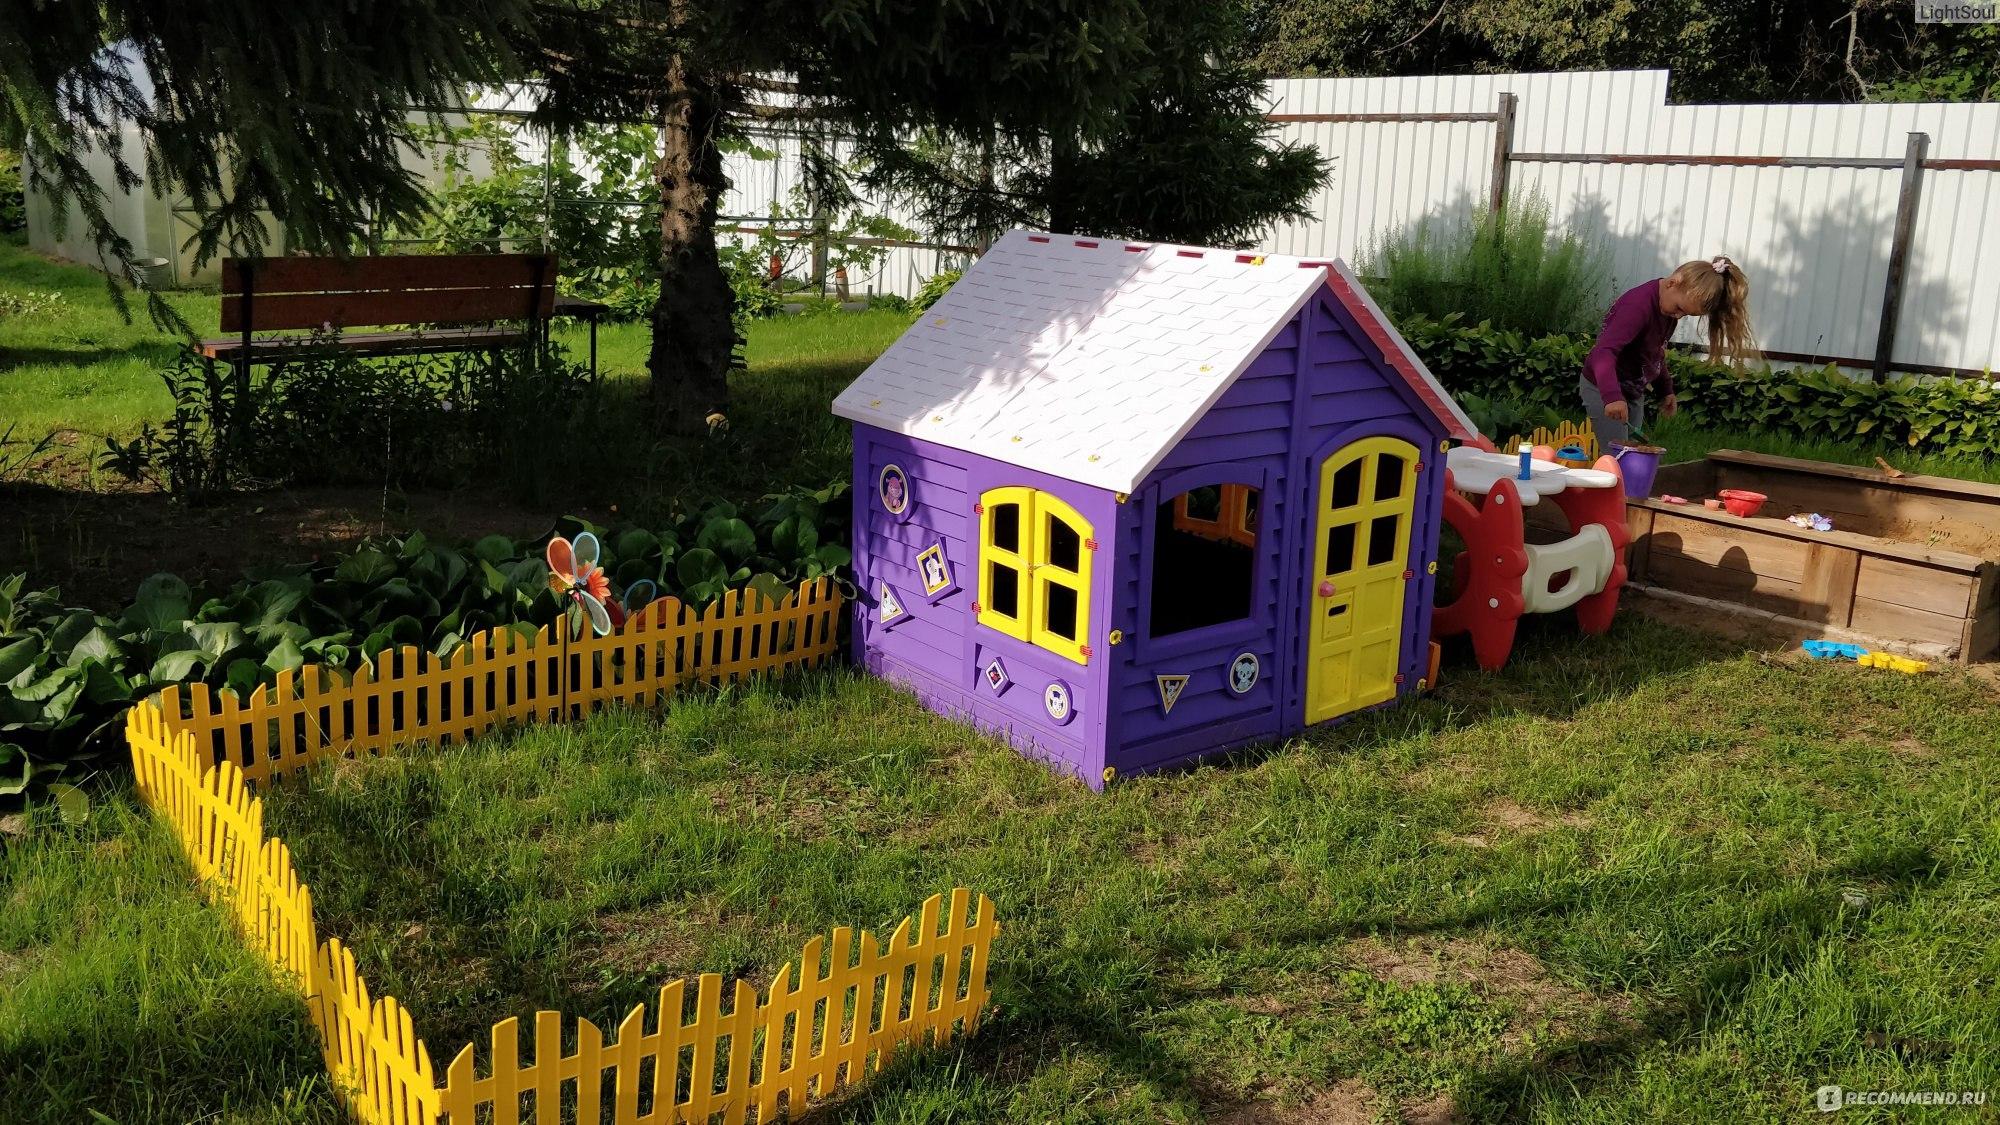 домик фиолетовый леко фото фотография картинка изображение рисунок детский для детей и малышей уличный 120 см большой красивый яркий сборный разборный раскладной с розовой крышей в полный рост